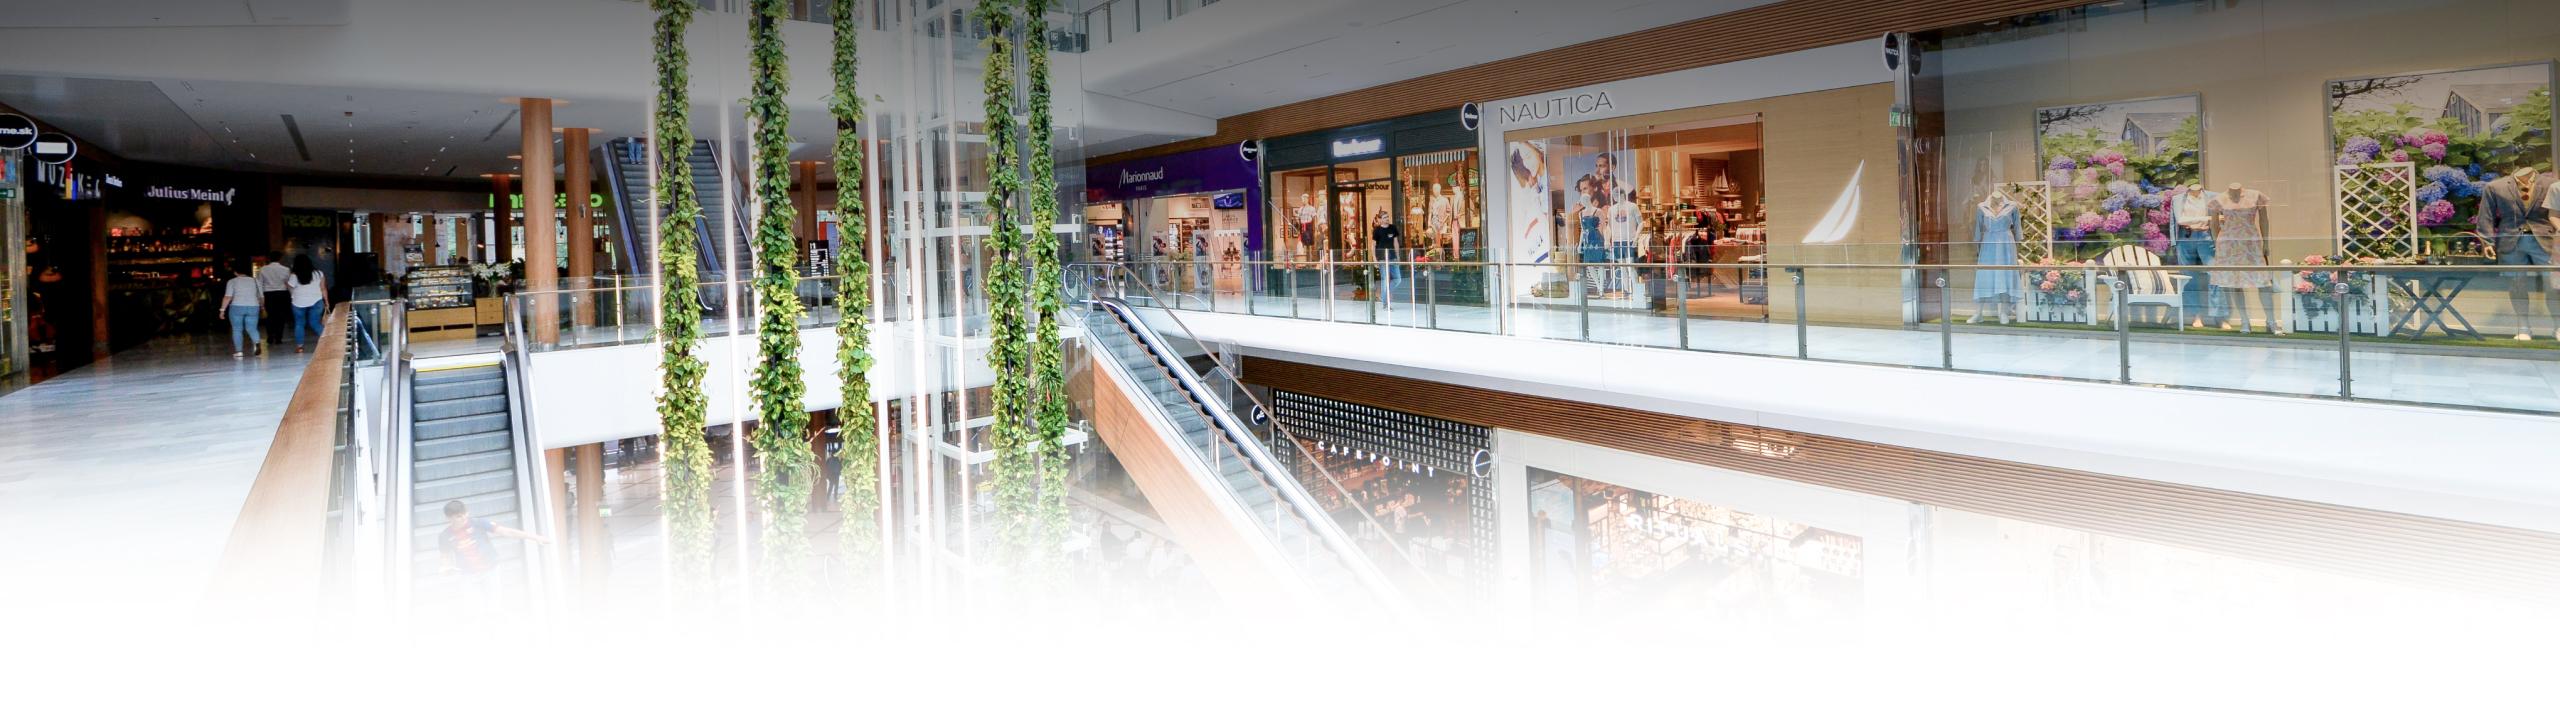 WOOD & Company oznamuje akvizíciu nákupného centra Aupark Bratislava_cover_main_header